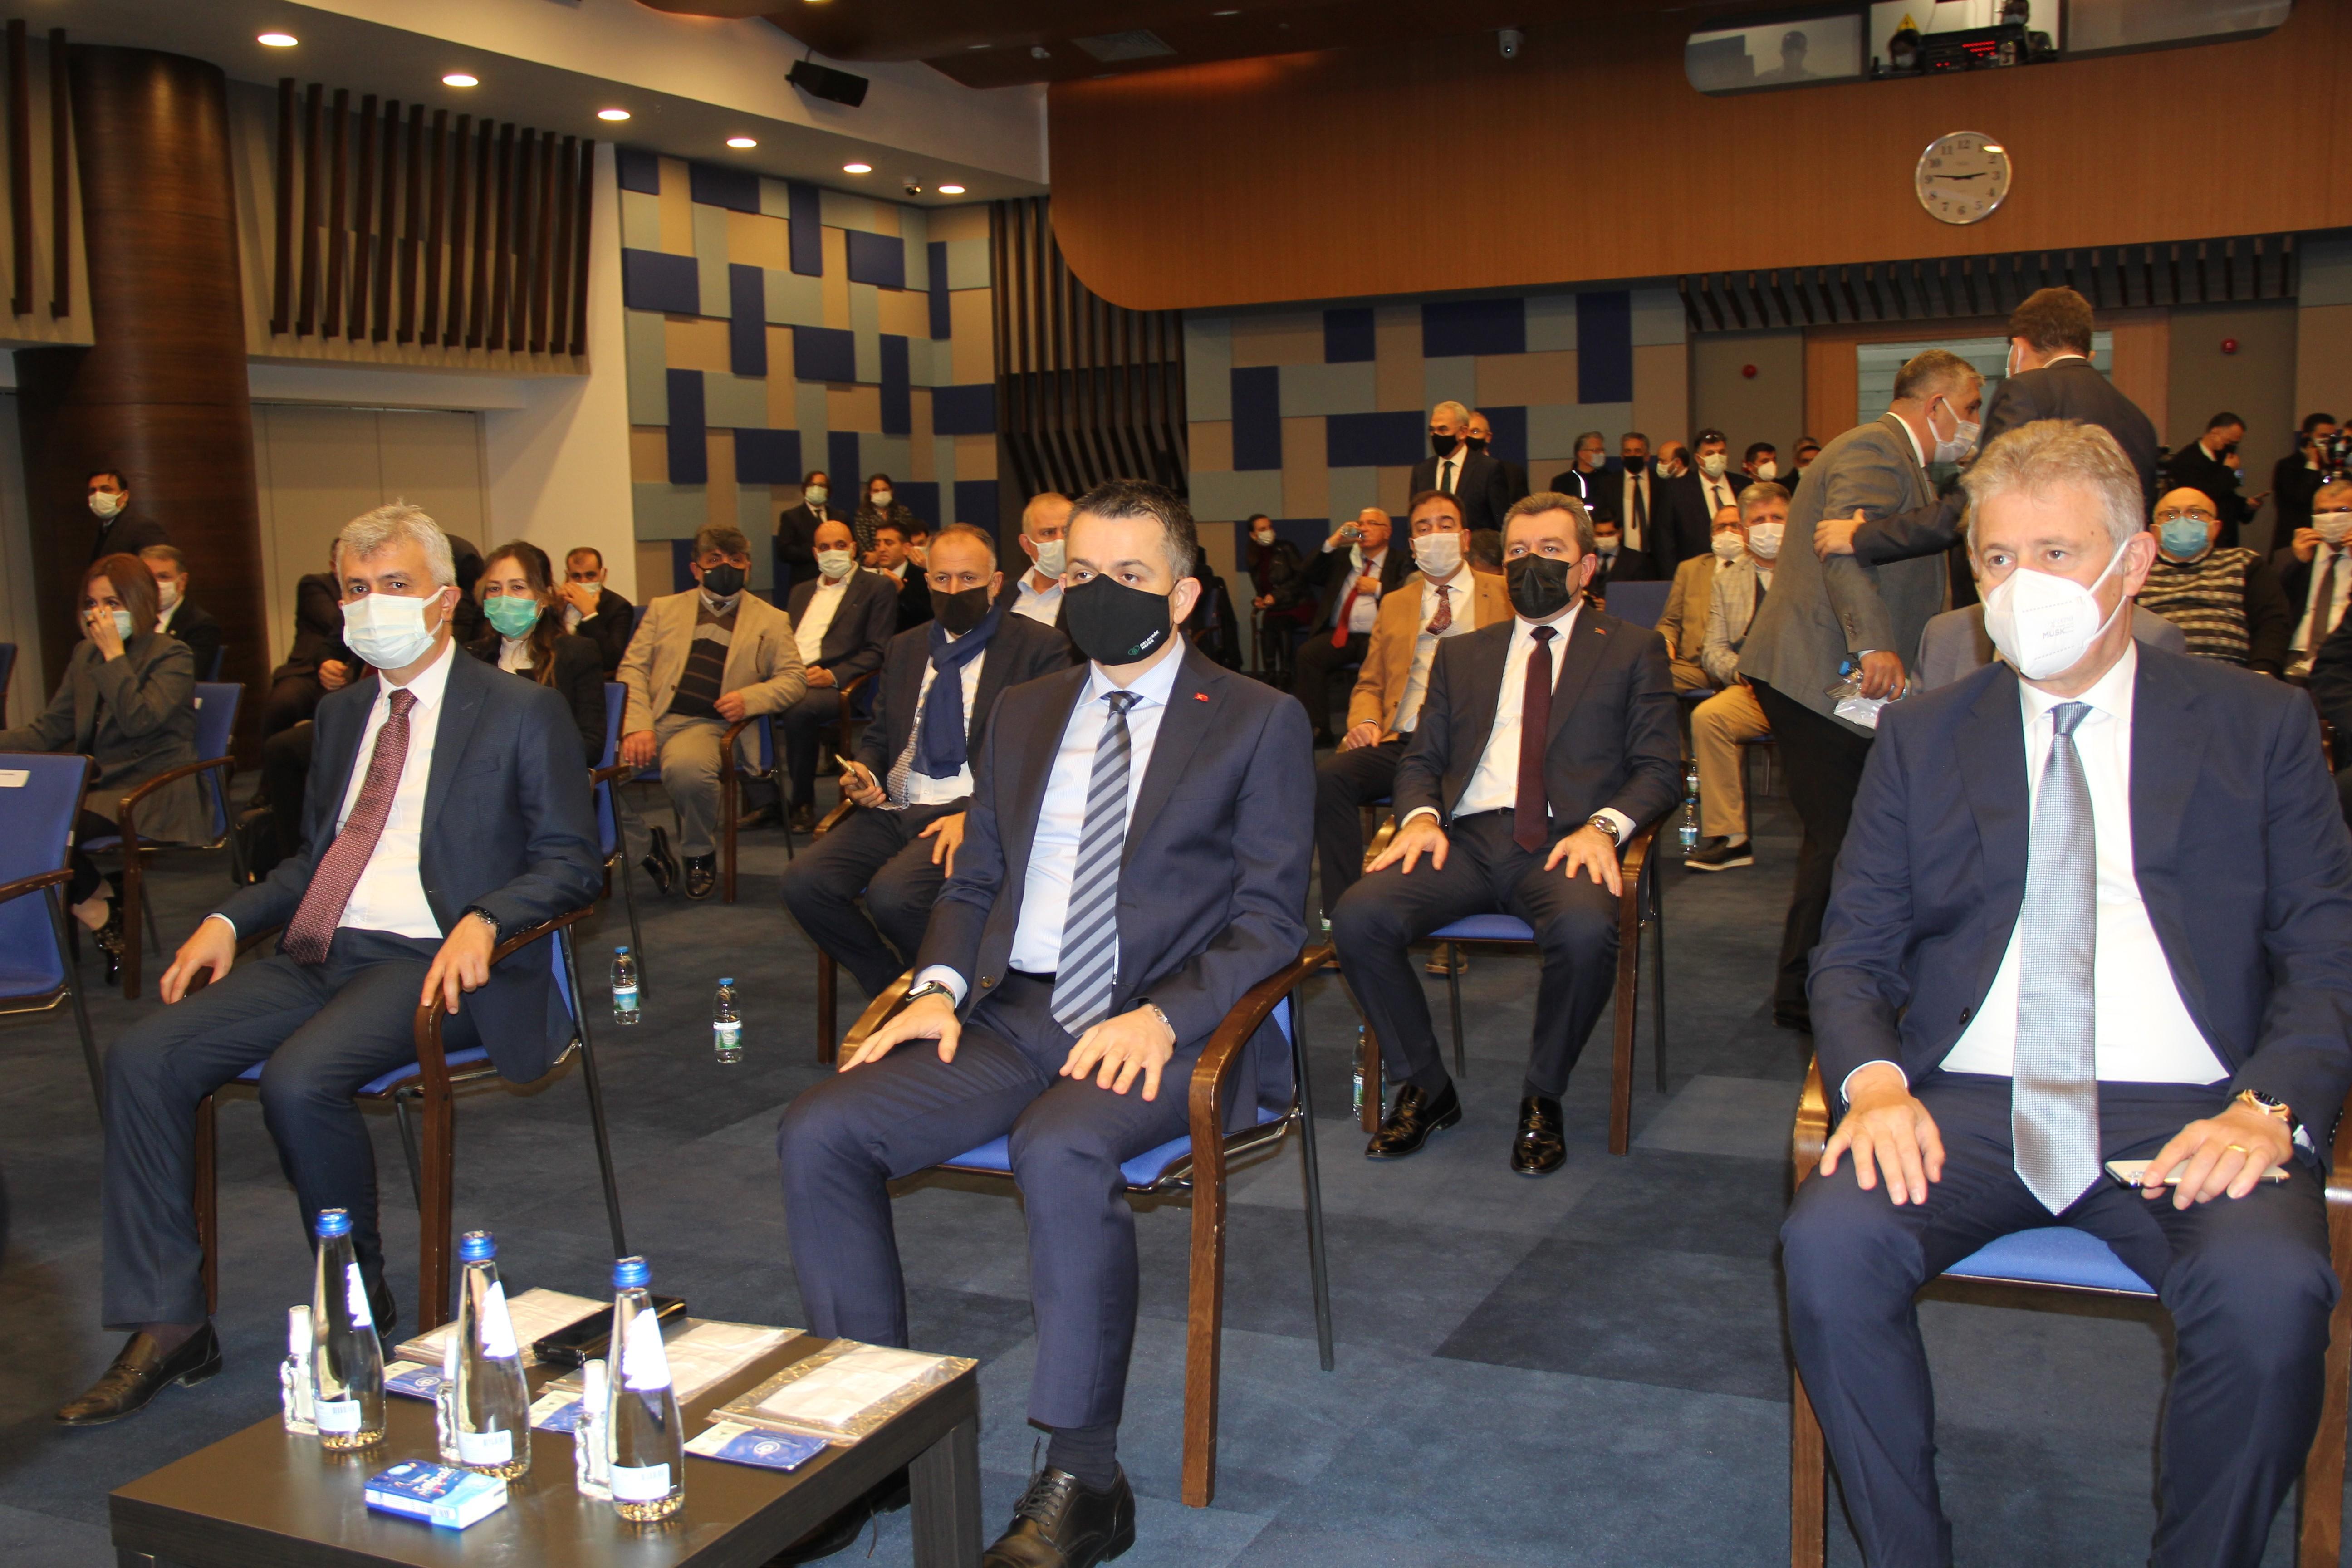 """<p>Tarım ve Orman Bakanı Bekir Pakdemirli, İzmir'de katıldığı """"Tarıma Dayalı İhtisas Organize Sanayi Bölge Projeleri ve Sektörel Konular"""" toplantısında, pandemi döneminde alınan önlemler ve gerçekleştirilen politikalar sayesinde hiçbir problem yaşamadıklarını söyledi. Pakdemirli, kırsal kalkınma konusunda önem verdiklerini belirterek, 35 bin projeye 3.3 milyar TL destek verdiklerini ifade etti.</p> <p></p> <p>Tarım ve Orman Bakanı Bekir Pakdemirli, Tarım Bayramı sebebiyle ve bir çeşit programlara katılmak için İzmir'e geldi. Bakan Bekir Pakdemirli, İzmir Ticaret Odası'nda düzenlenen """"Tarıma Dayalı İhtisas Organize Sanayi Bölge Projeleri ve Sektörel Konular"""" toplantısına katıldı. Toplantıda konuşan Bakan Pakdemirli, pandemi öncesinde aldıkları tedbirler sayesinde bu dönemi bir sıkıntı yaşamadan atlattıklarını söyledi. Pakdemirli, Mart-Nisan ayı gibi bir rahatlama olacağının ön görüldüğünü ifade ederek pandemi döneminde bazı ürünlerde eksiklikle bazılarında ise fazlalıklar yaşandığını, bunu gerçekleştirdikleri politikalarla ve Türk çiftçisinin pratikliğiyle üstesinden geldiklerini söyledi.<br /><br /></p> <p><strong>18 yılda destekler arttı</strong></p> <p></p> <p>Pandemi sonrasında yeni normale geçileceği bir zaman olacağını söyleyen Bakan Pakdemirli, Son 18 yılda, tarımsal hasılamızı 7,5 kat artırdık. 585 tane yeni baraj inşa ettik. 311 milyar TL tarımsal destek verdik. 6,6 milyon hektar araziyi sulamaya açtık. 5,1 milyar fidan diktik. 200 bin vatandaşımıza istihdam sağladık, tohumluk ihracatımızı 10 kat artırdık, tohumluk üretimimizi 8 kat arttırdık. Çiftçiye yüzde 52 destek verdik. Bunun karşılığında da sürekli bir büyüme performansı içerisinde olduk. Her sektörün 2020'nin 0,3-5 arası civarında büyümesi varken tarım ve orman sektöründe yüzde 0,5 oranında büyüme oldu. Cumhurbaşkanlığı sistemiyle tarım sektörü 2,5 yılda tüm çeyreklerde büyüdü. Kırsal kalkınma son derece önemli. Bu hareket Türkiye'de yavaşlamış olsa da tamamen durmuş değil. Benim hep söylediğimiz bir"""